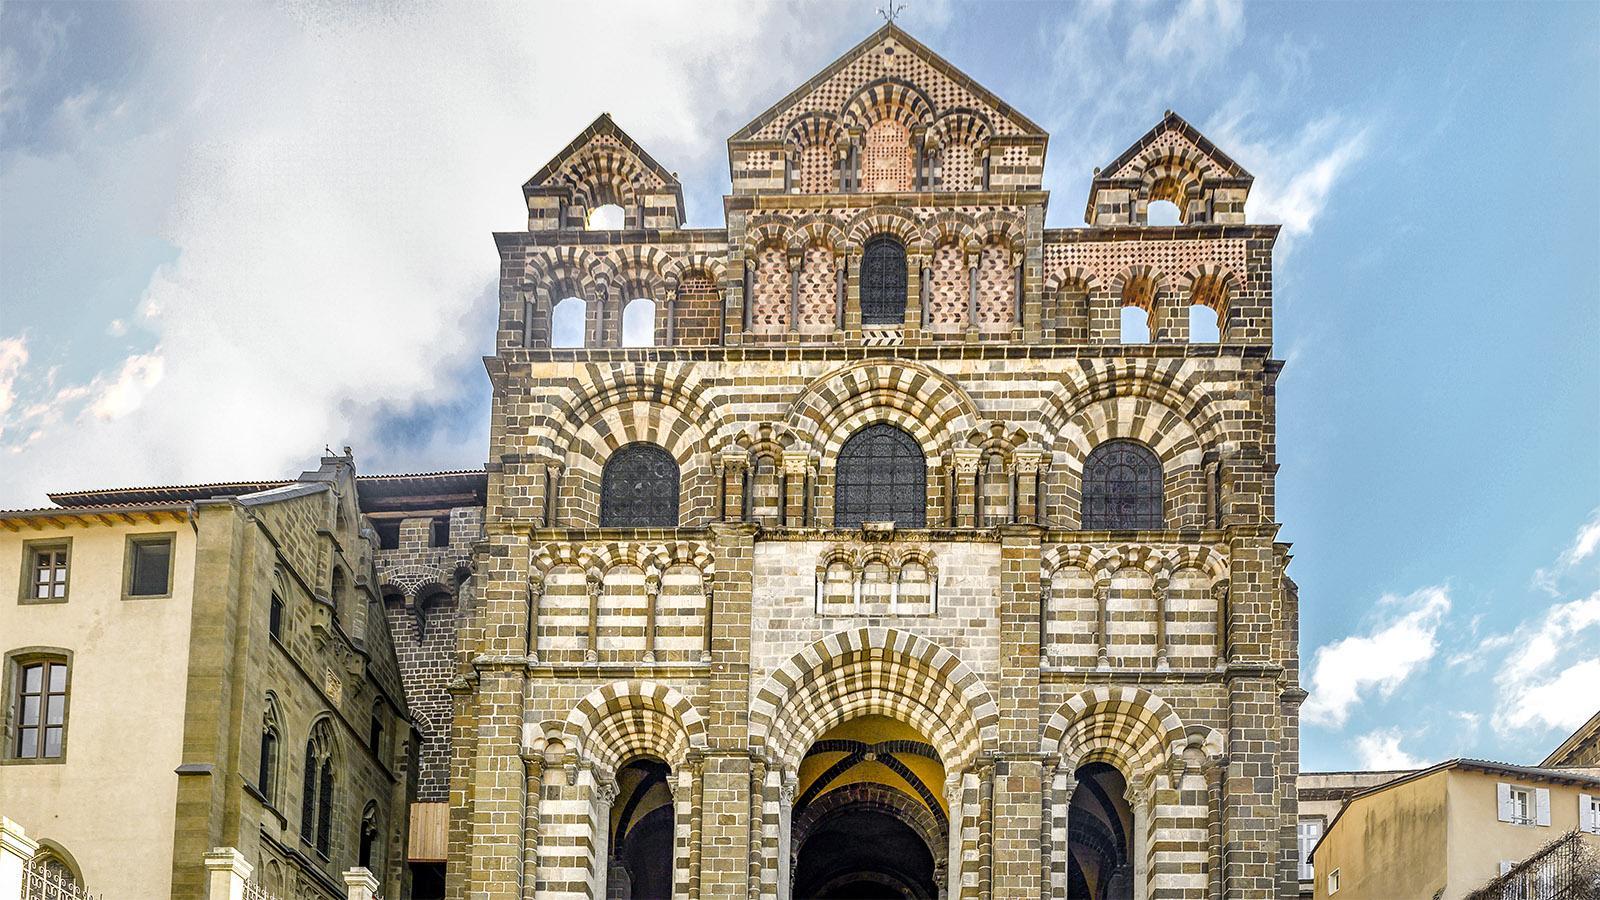 Die Westfassade der Kathedrale vo Le Puy-en-Velay. Foto: Hilke Maunder